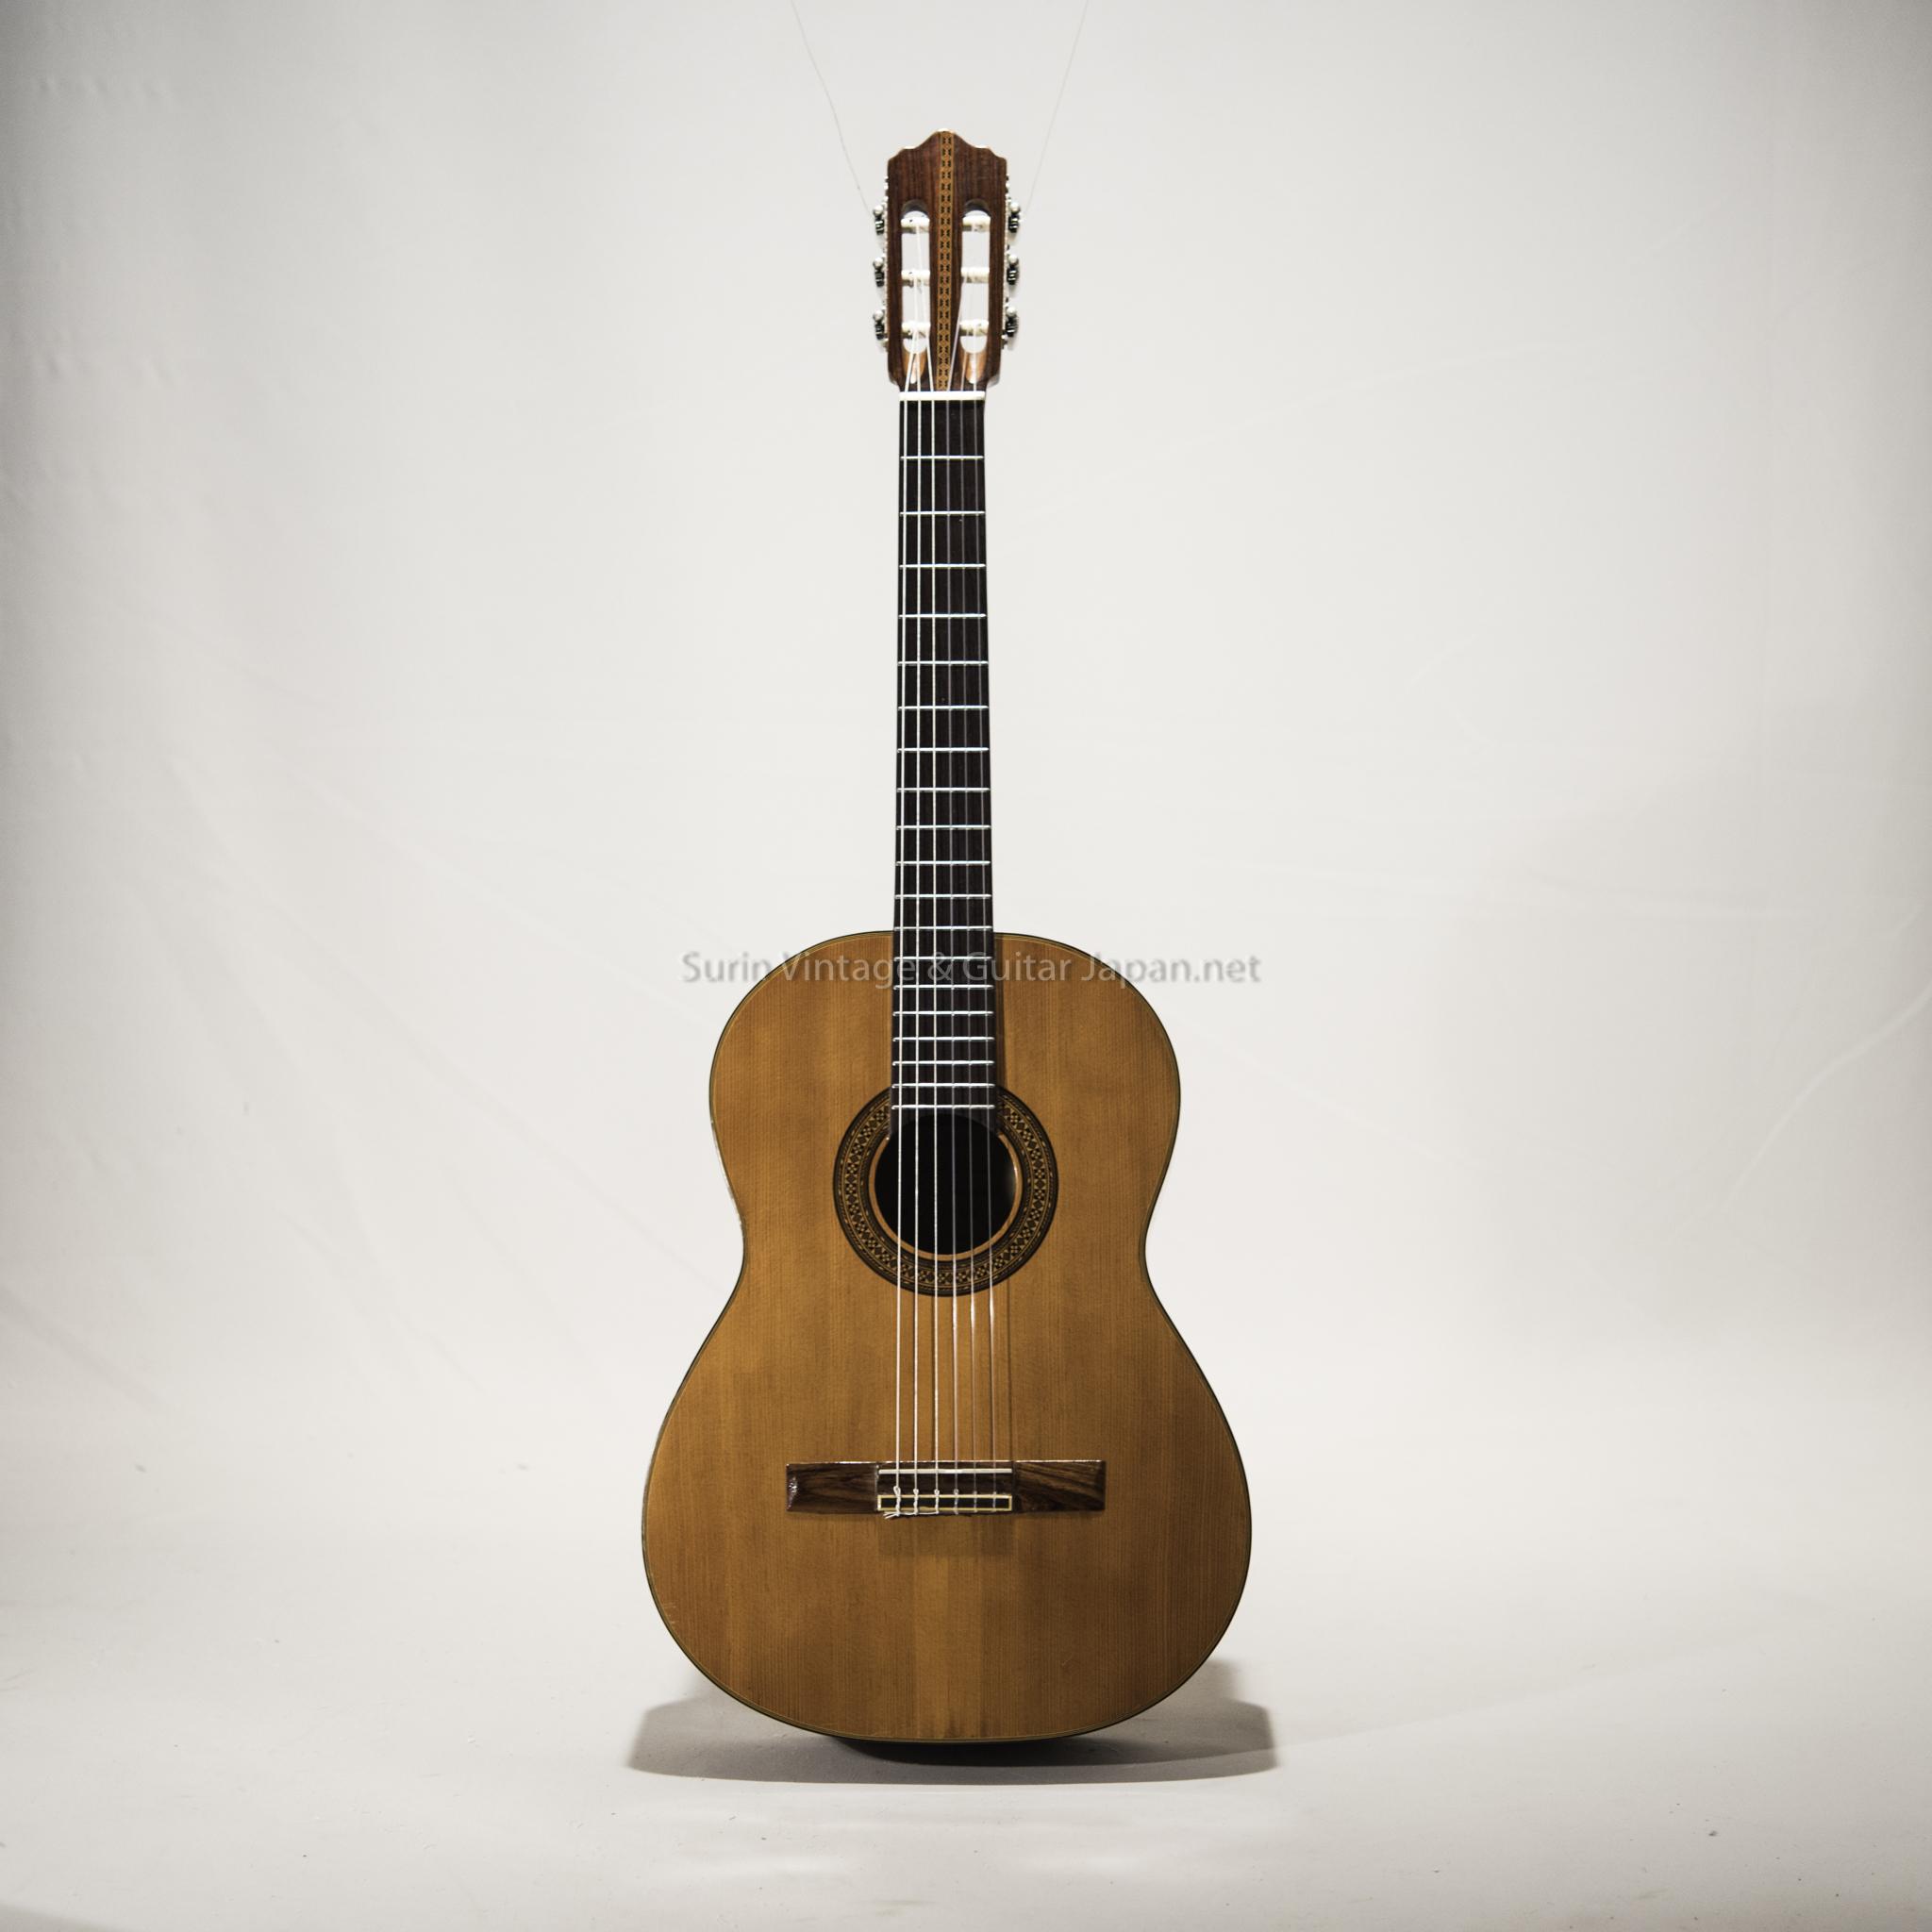 กีต้าร์คลาสสิคมือสอง Gut Guitar by ZEN-ON